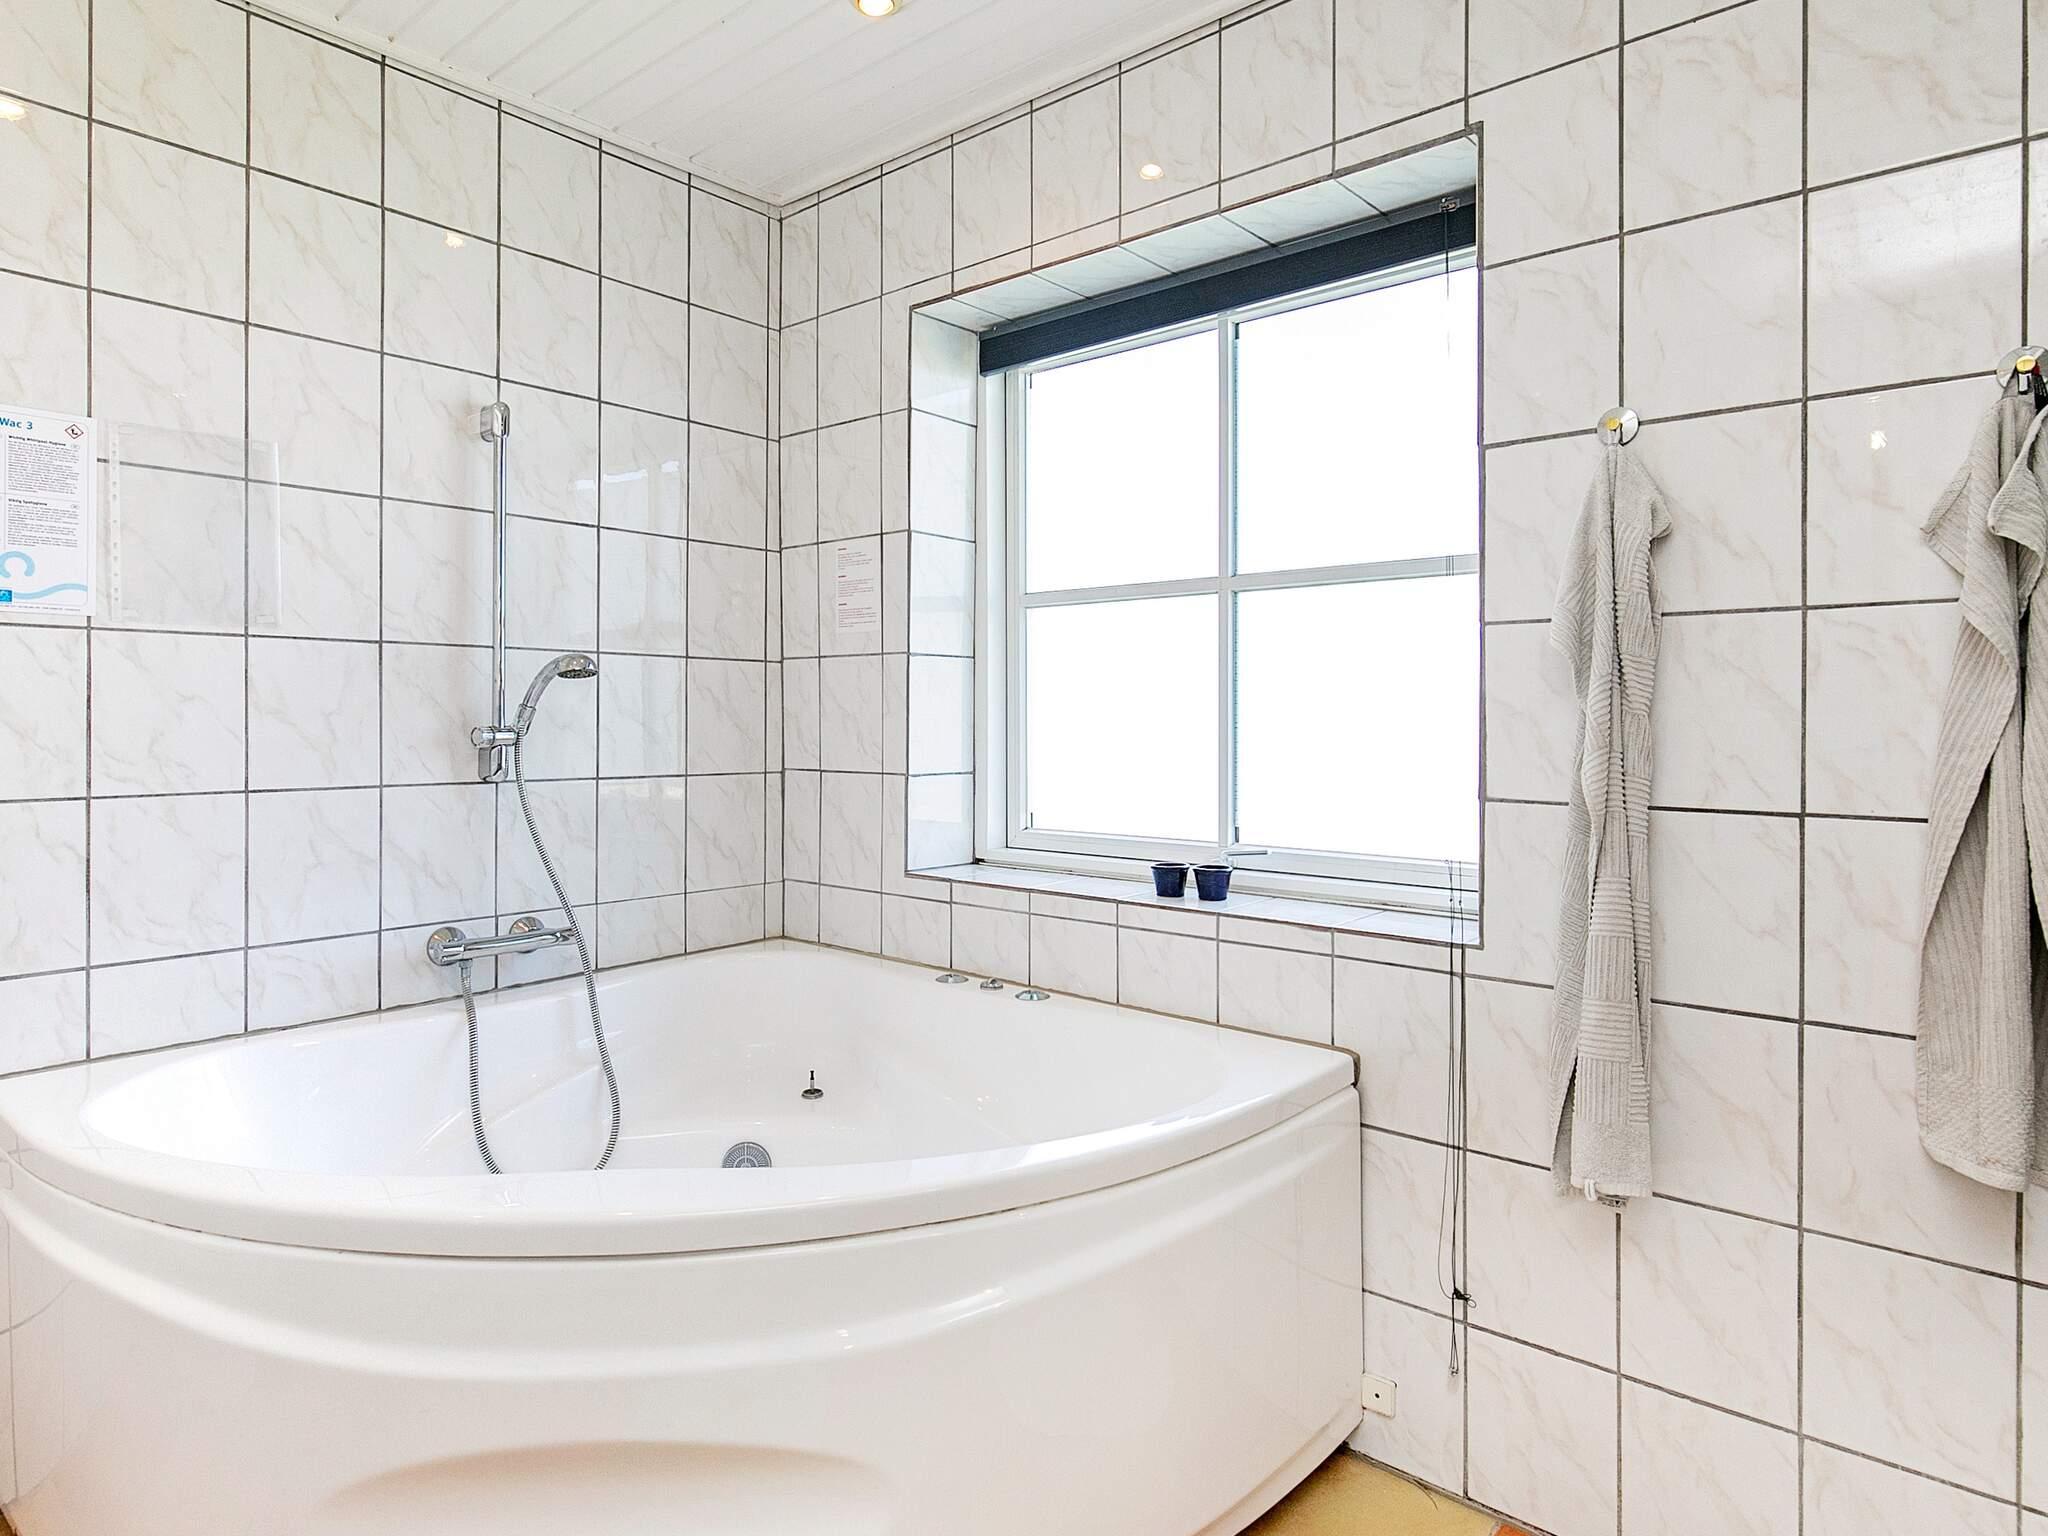 Ferienhaus Løkken (85651), Løkken, , Nordwestjütland, Dänemark, Bild 15